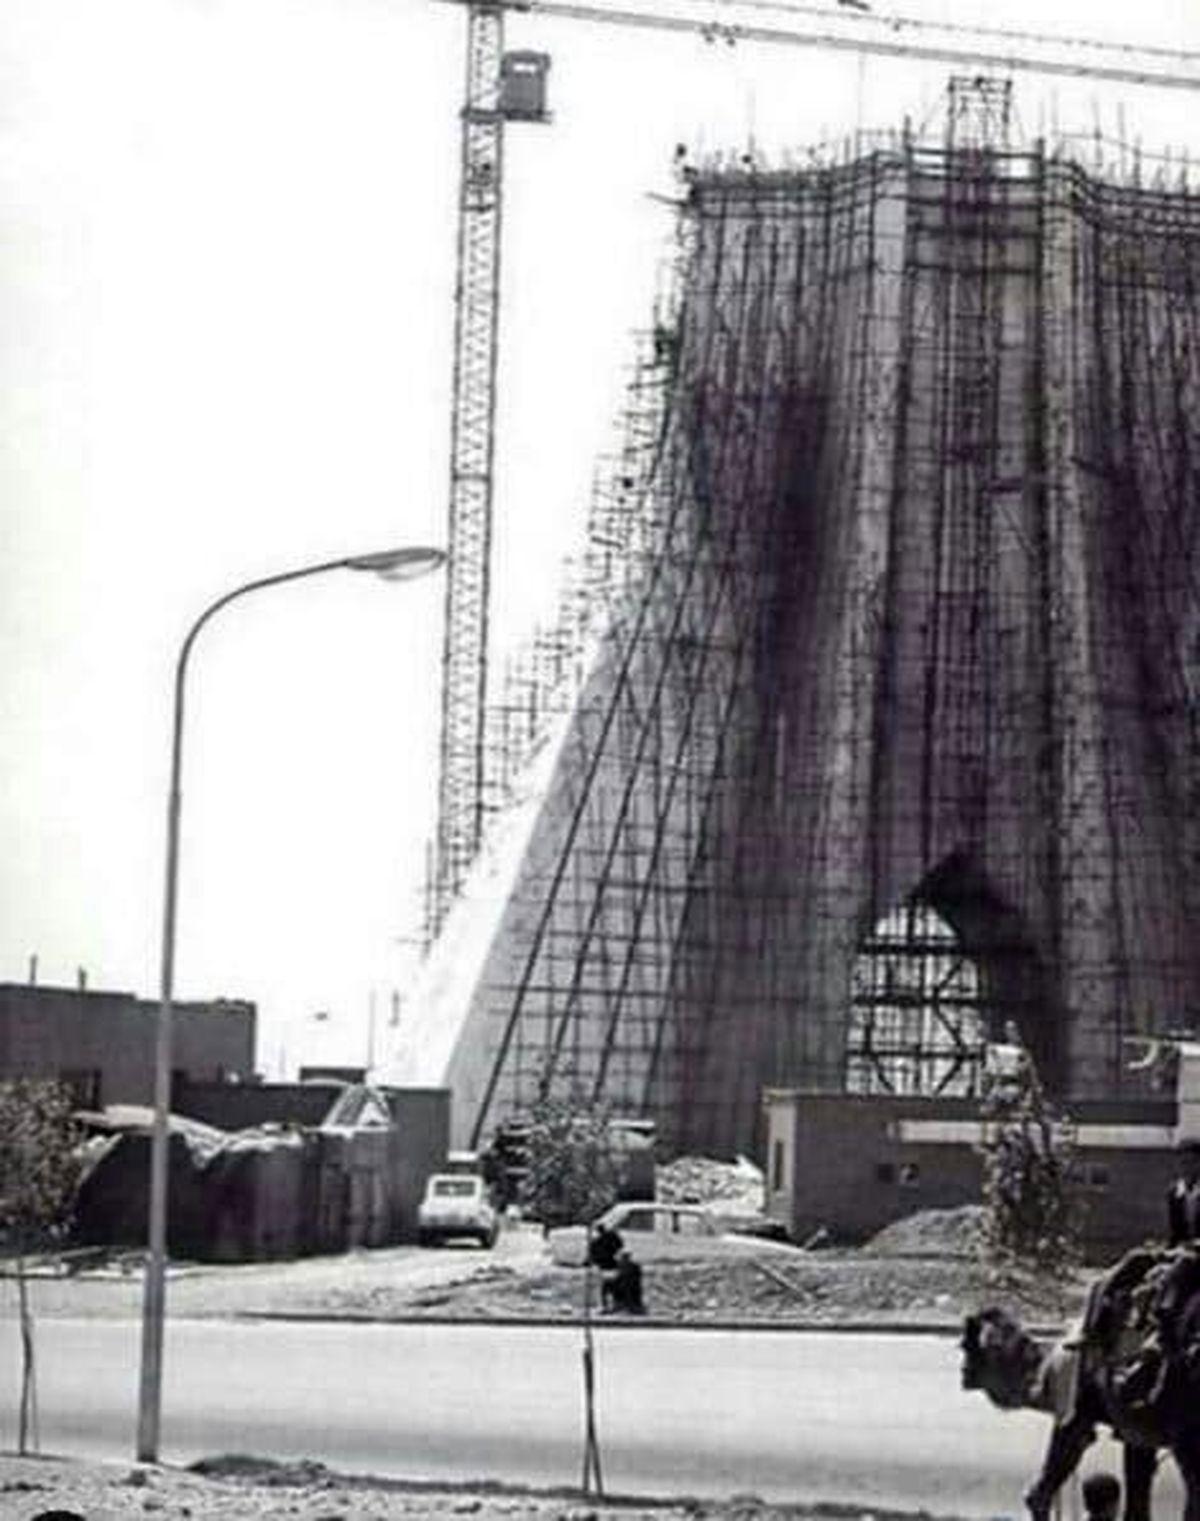 برج آزادی تهران در حال ساخت +عکس